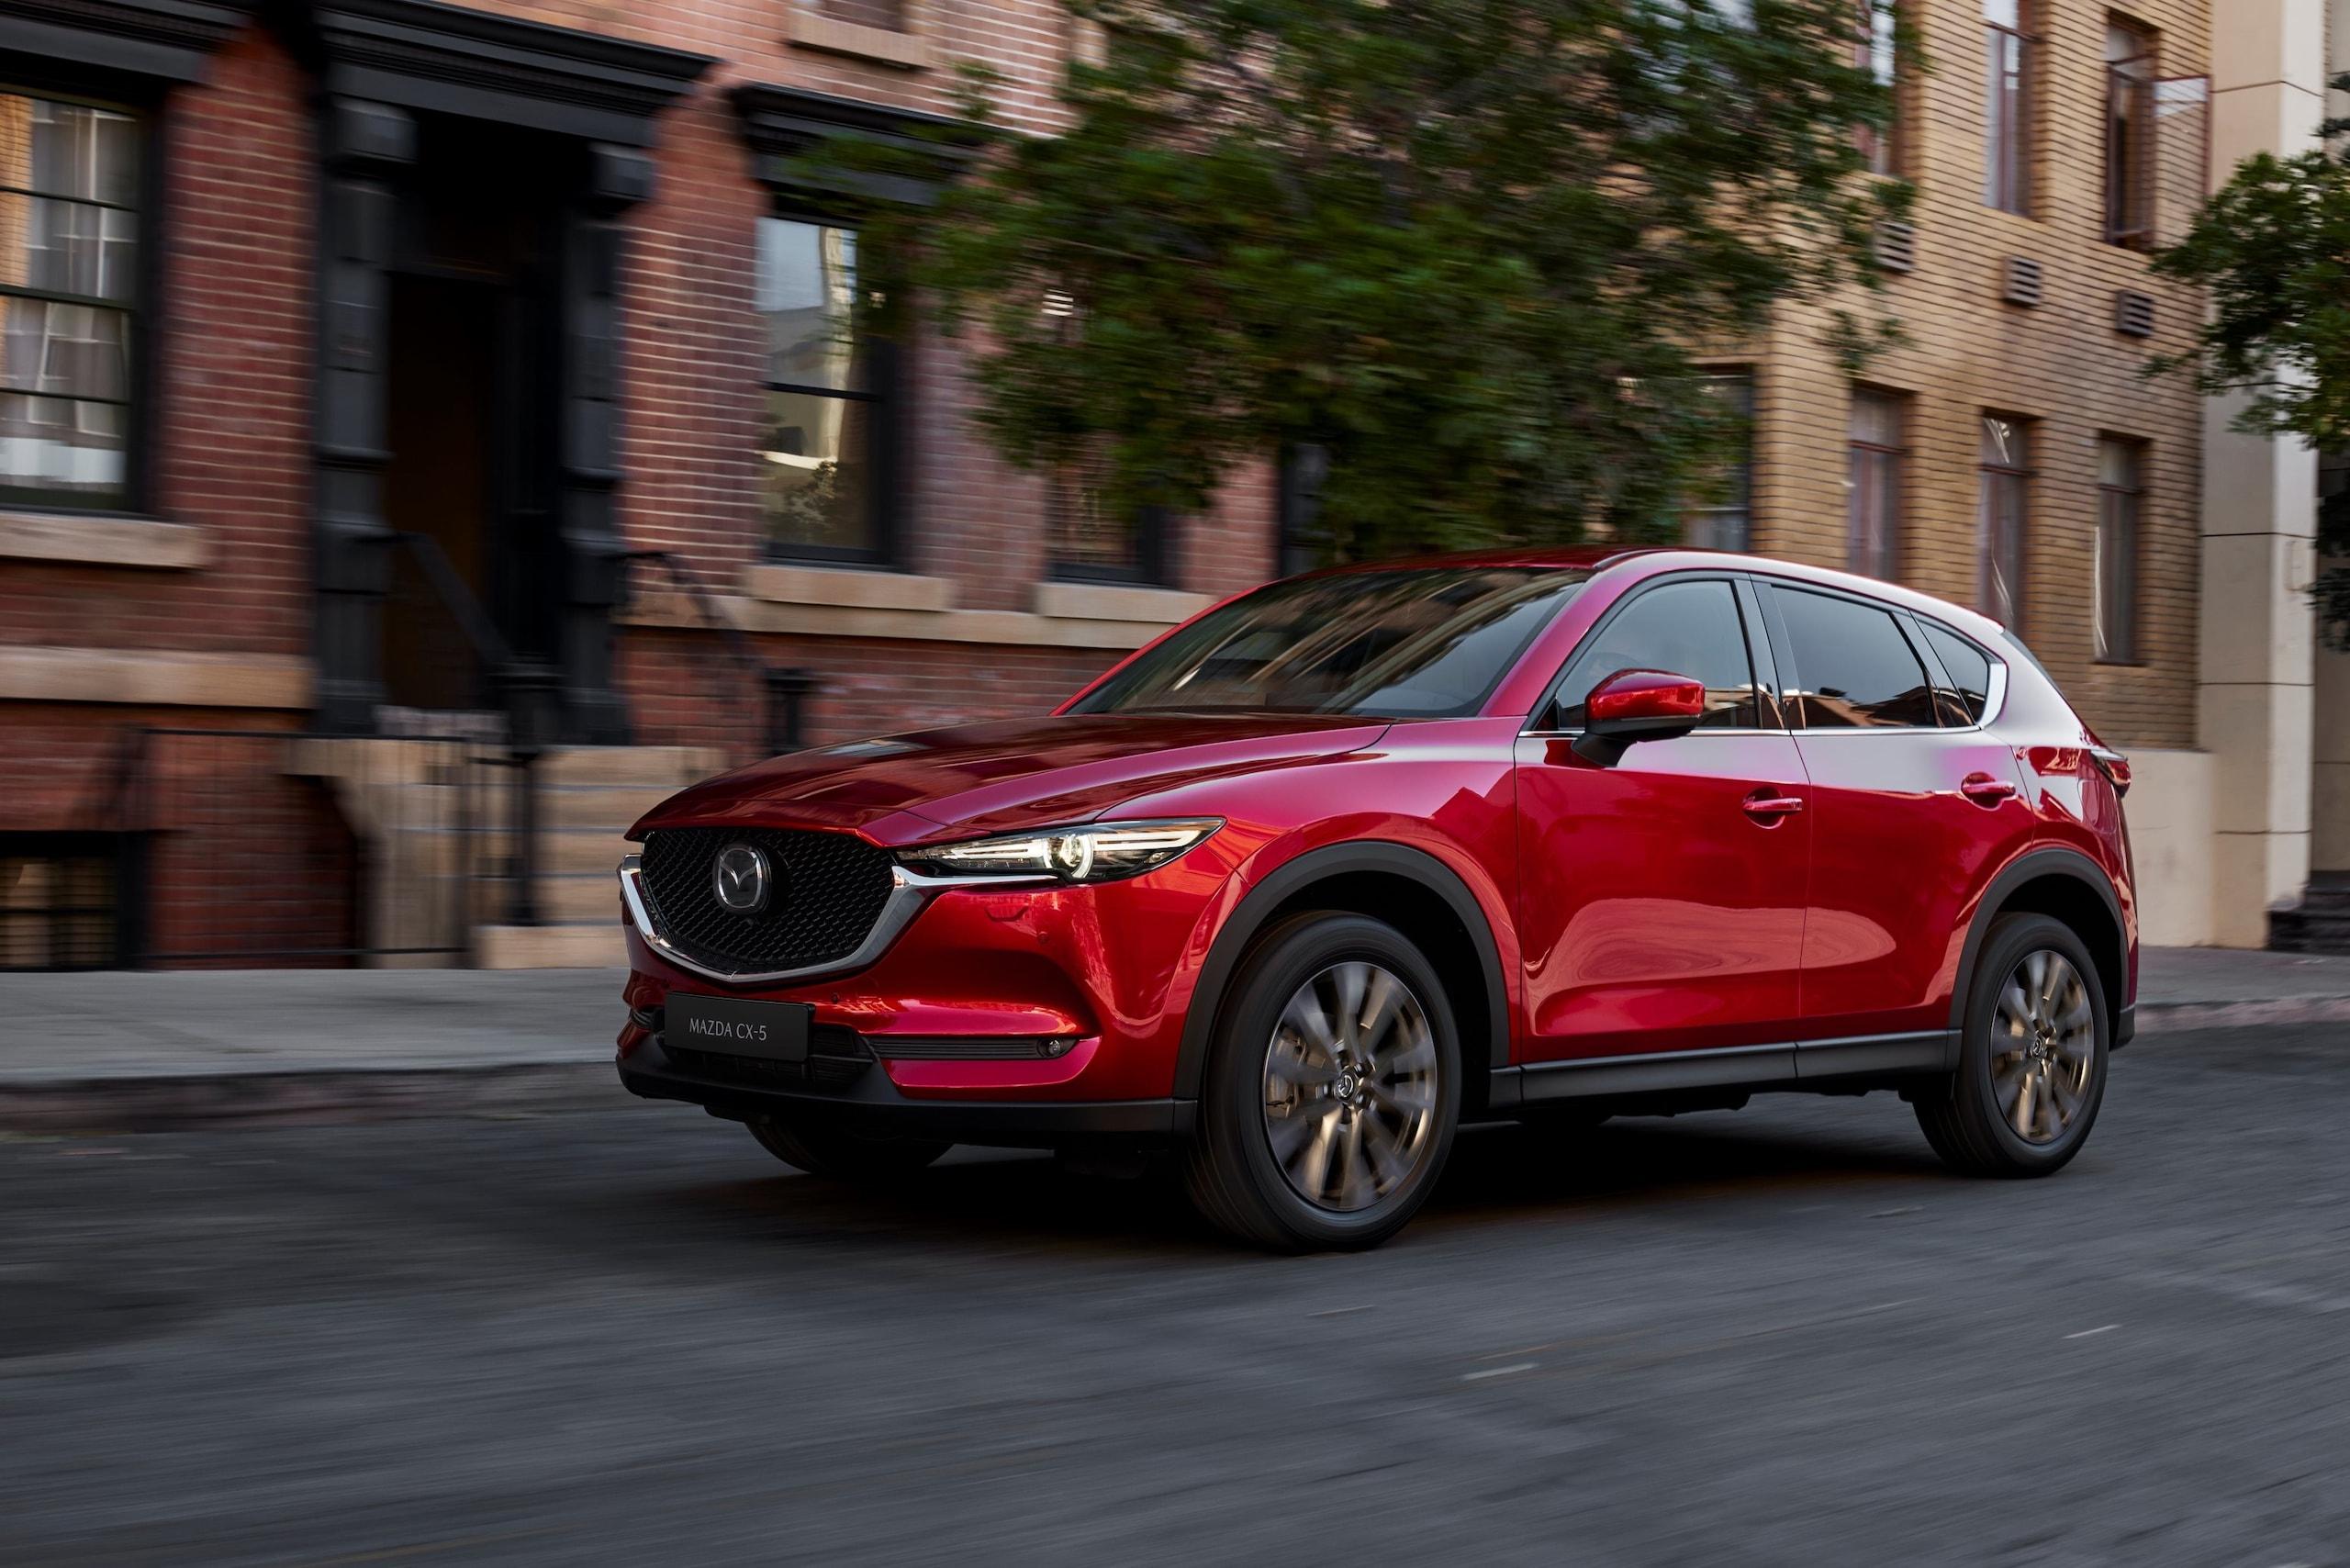 Nuova Mazda CX-5 2020, tutte le FOTO